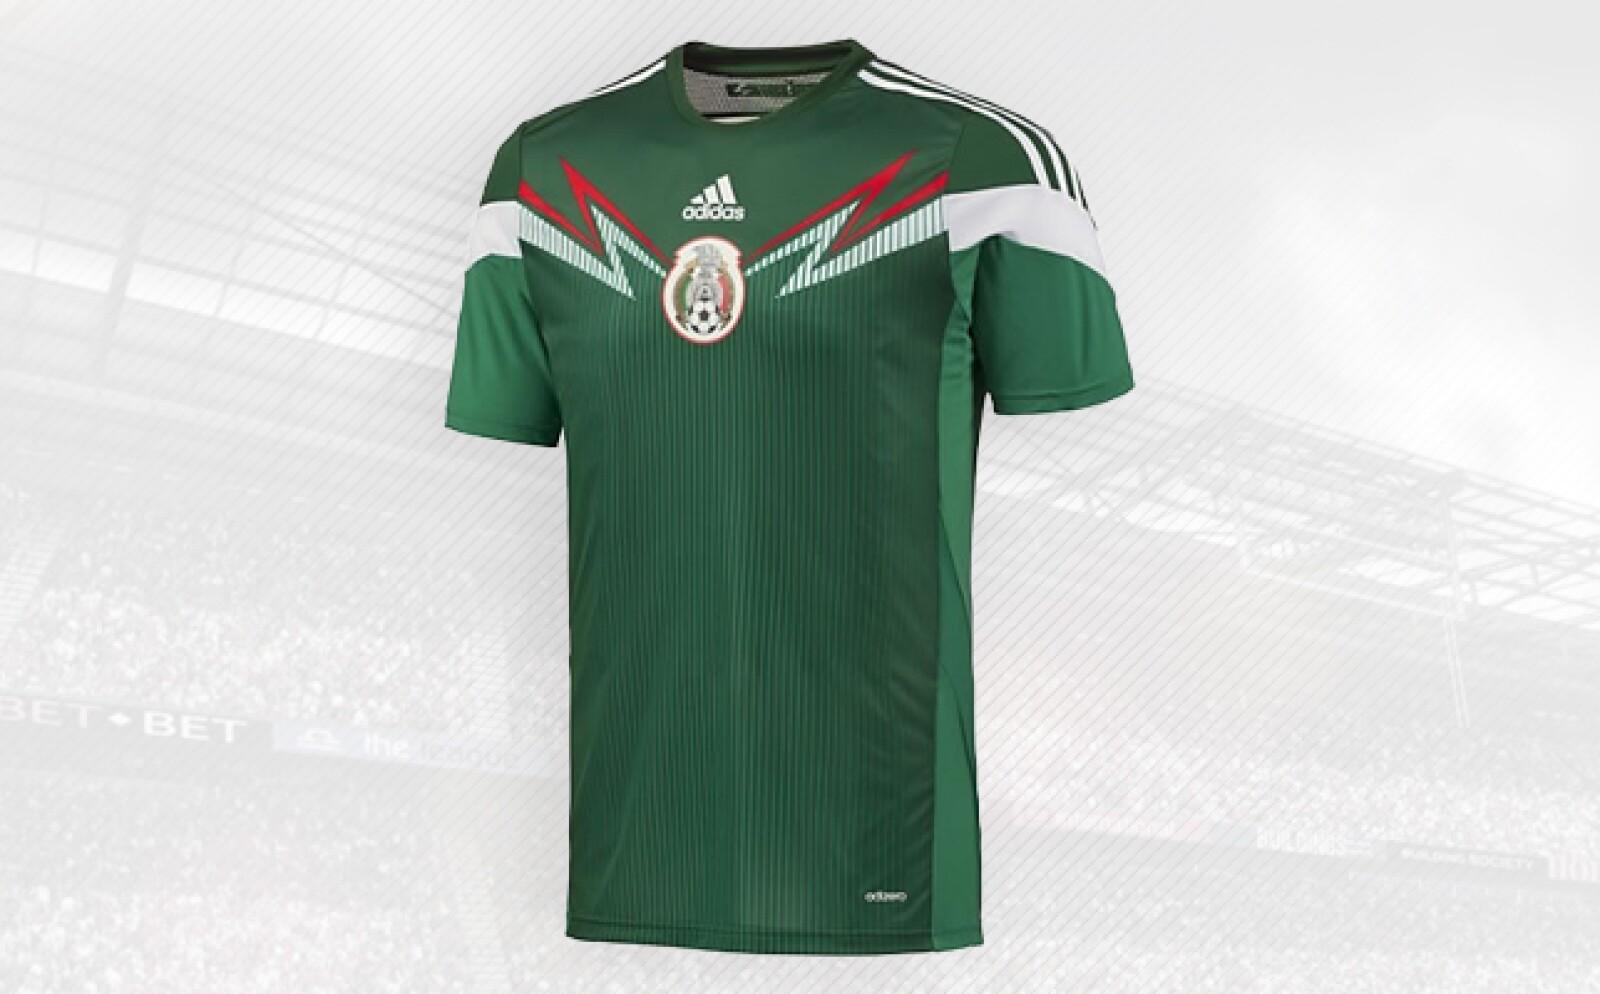 La actual relación entre Adidas y la Federación Mexicana de Futbol comenzó en 2007.